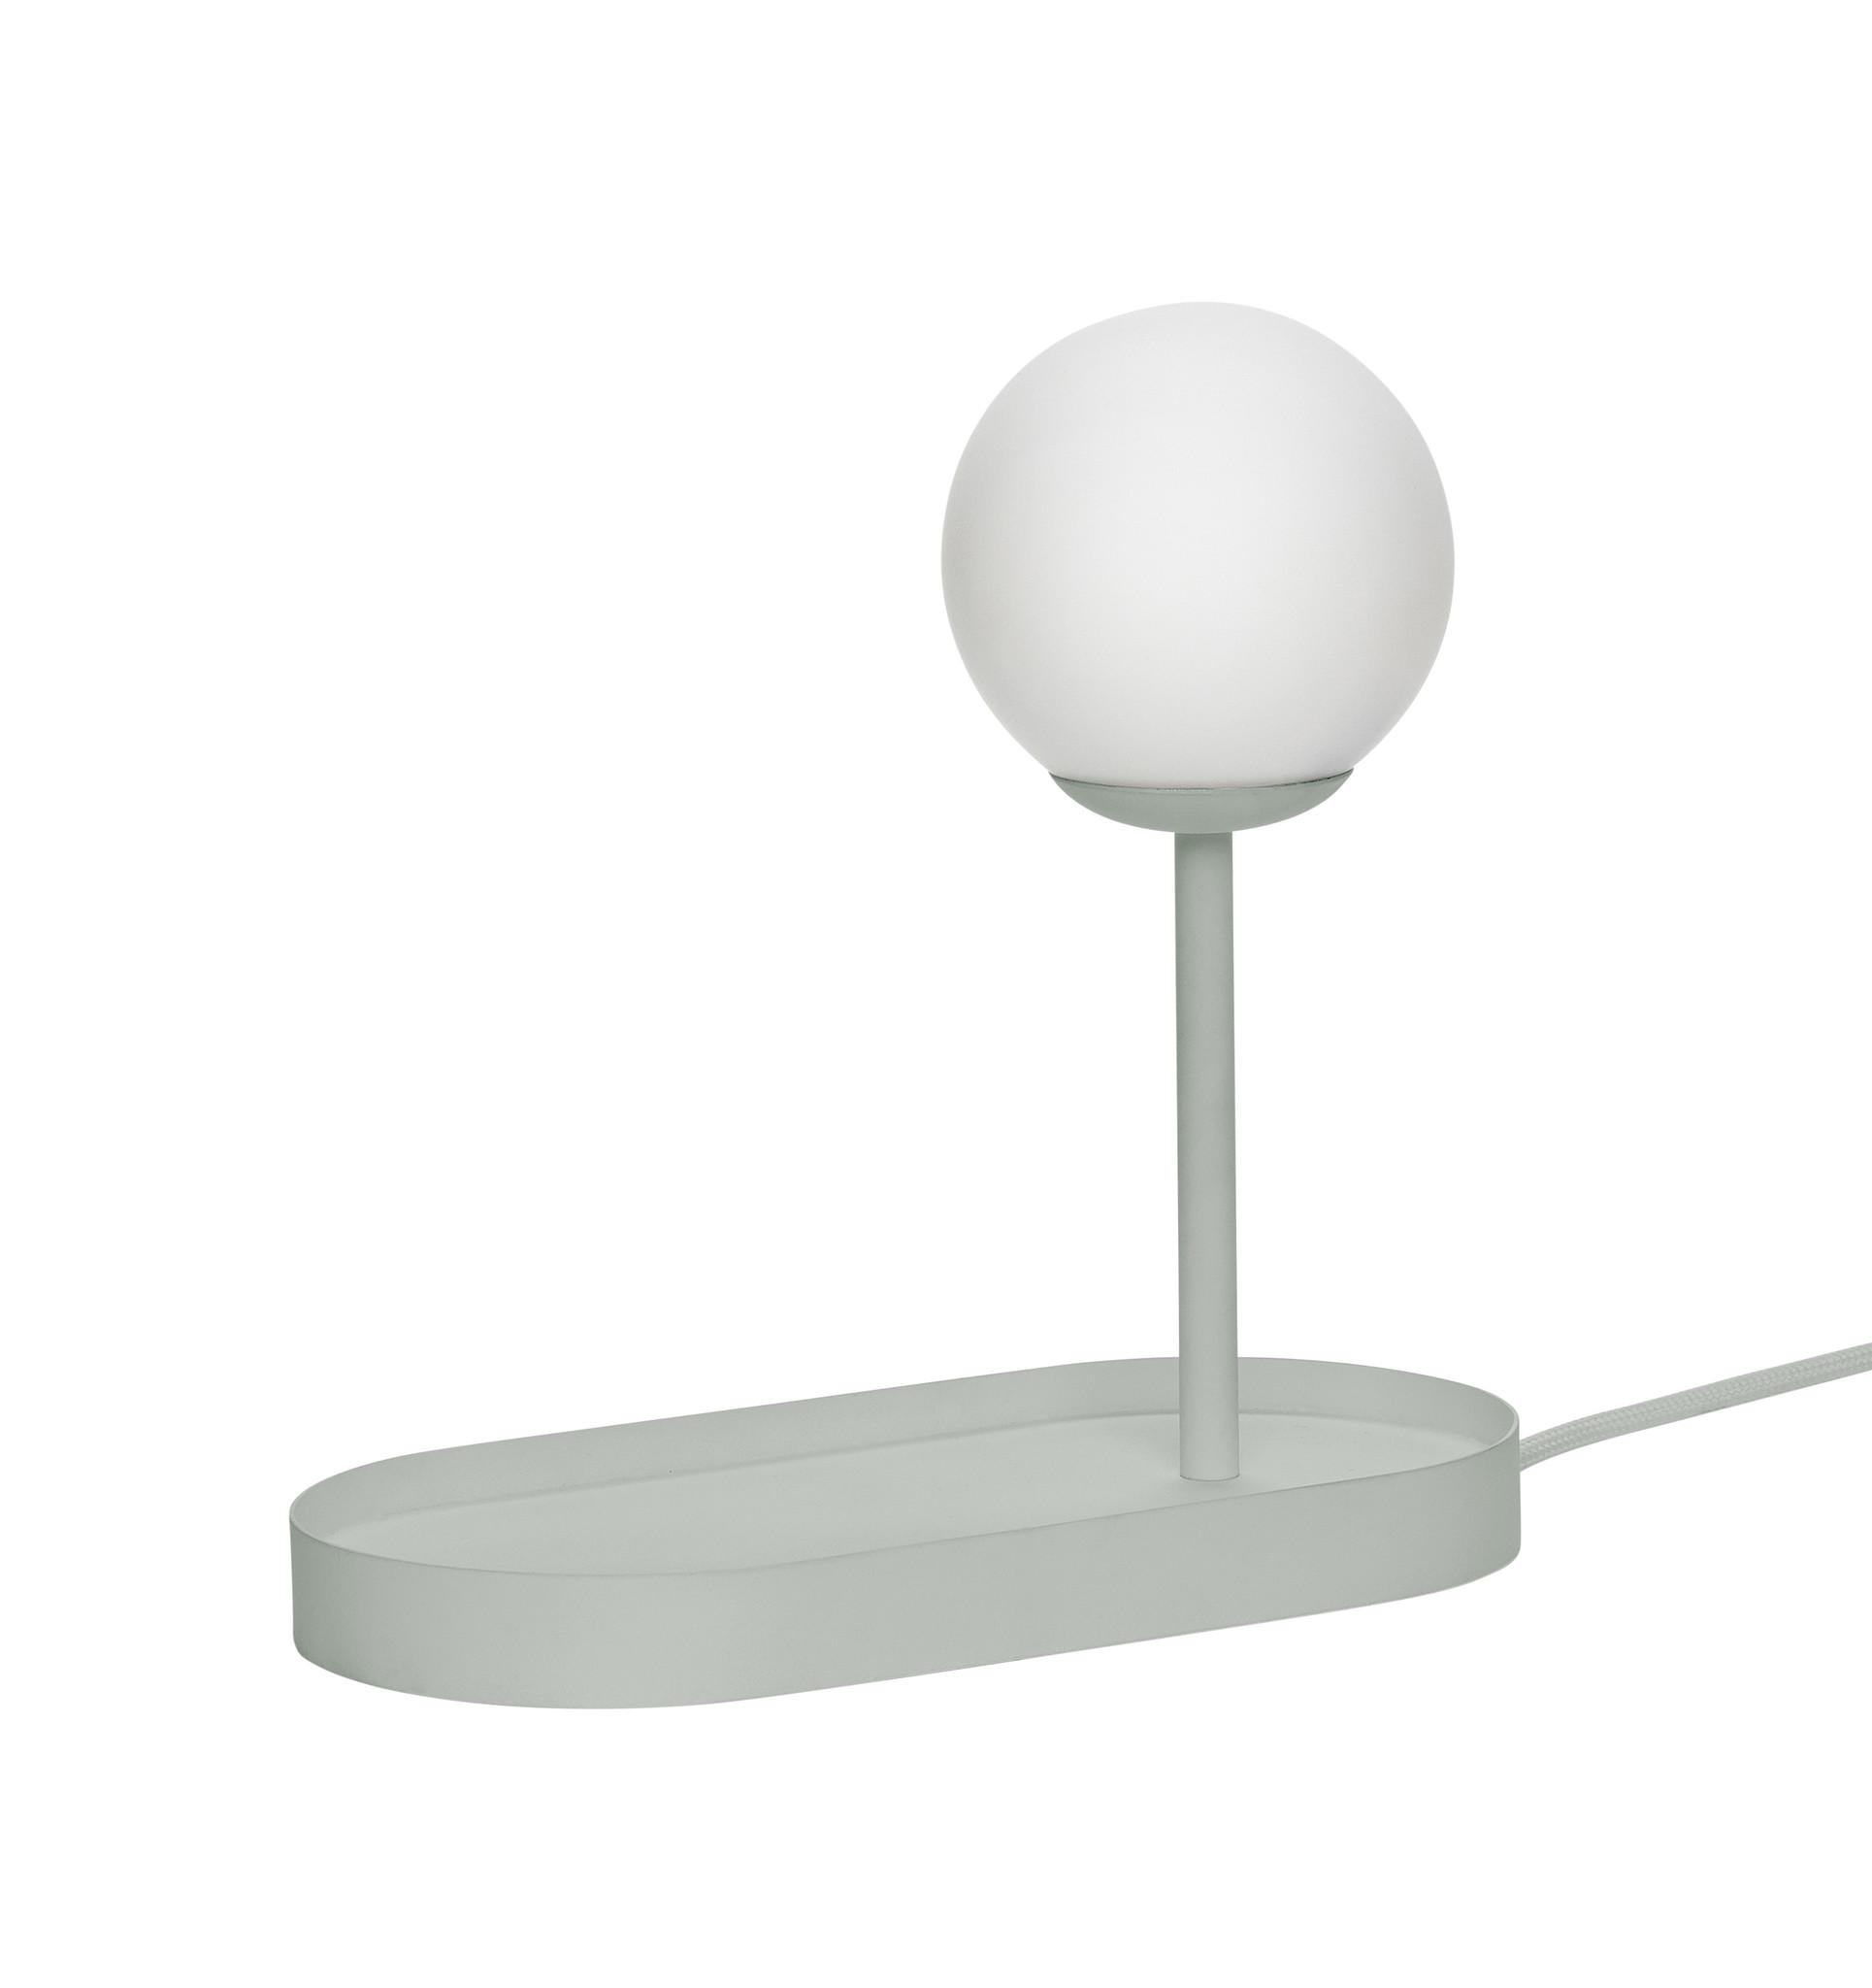 Hubsch Tafellamp met lamp, grijs